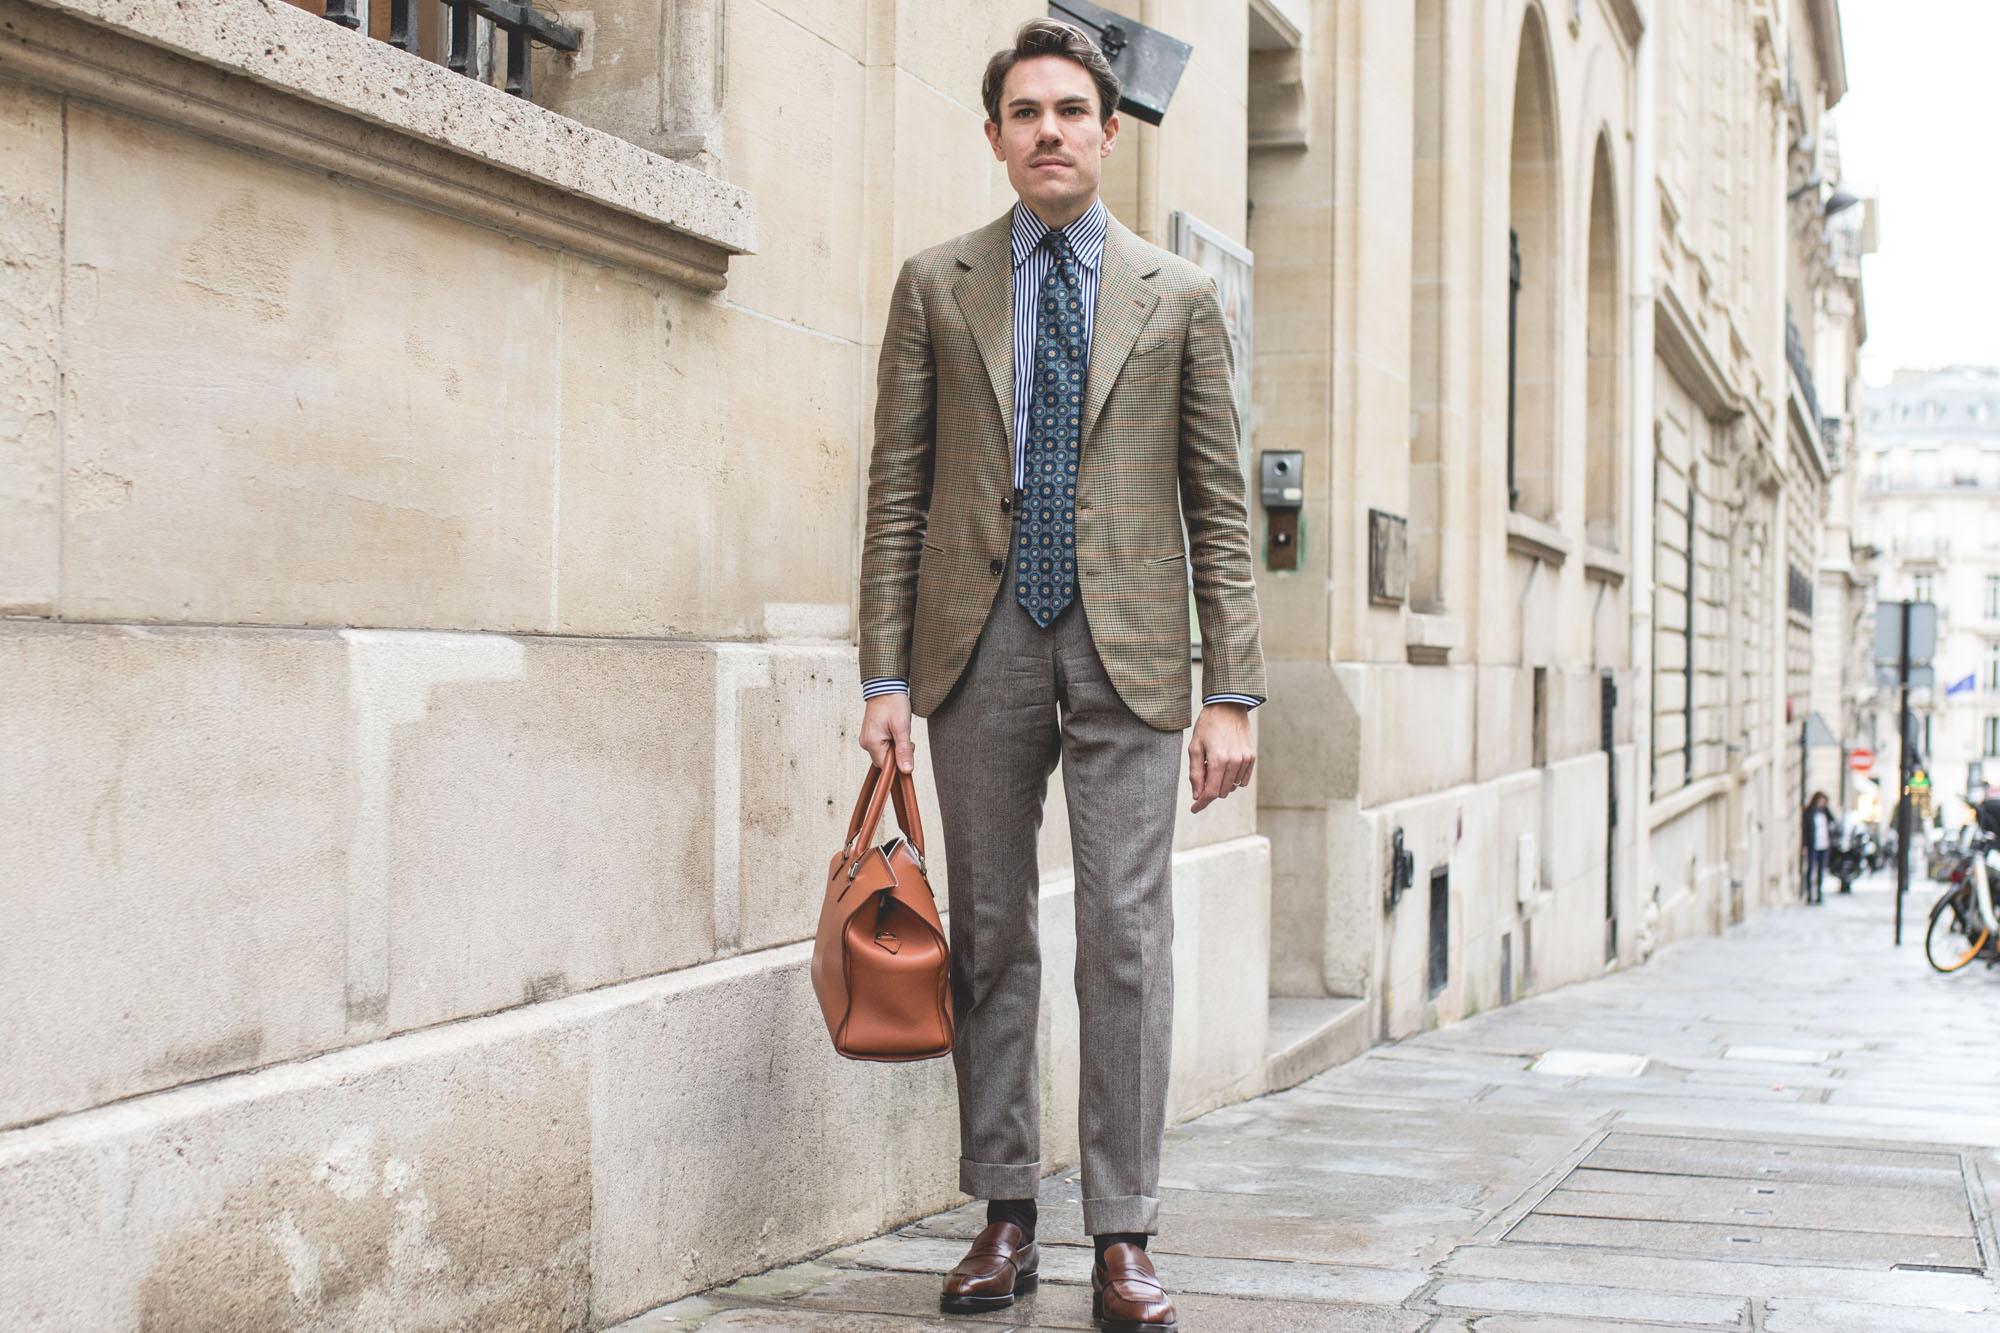 Gentlemen Clover - Romain a.k.a Gentlemen Clover